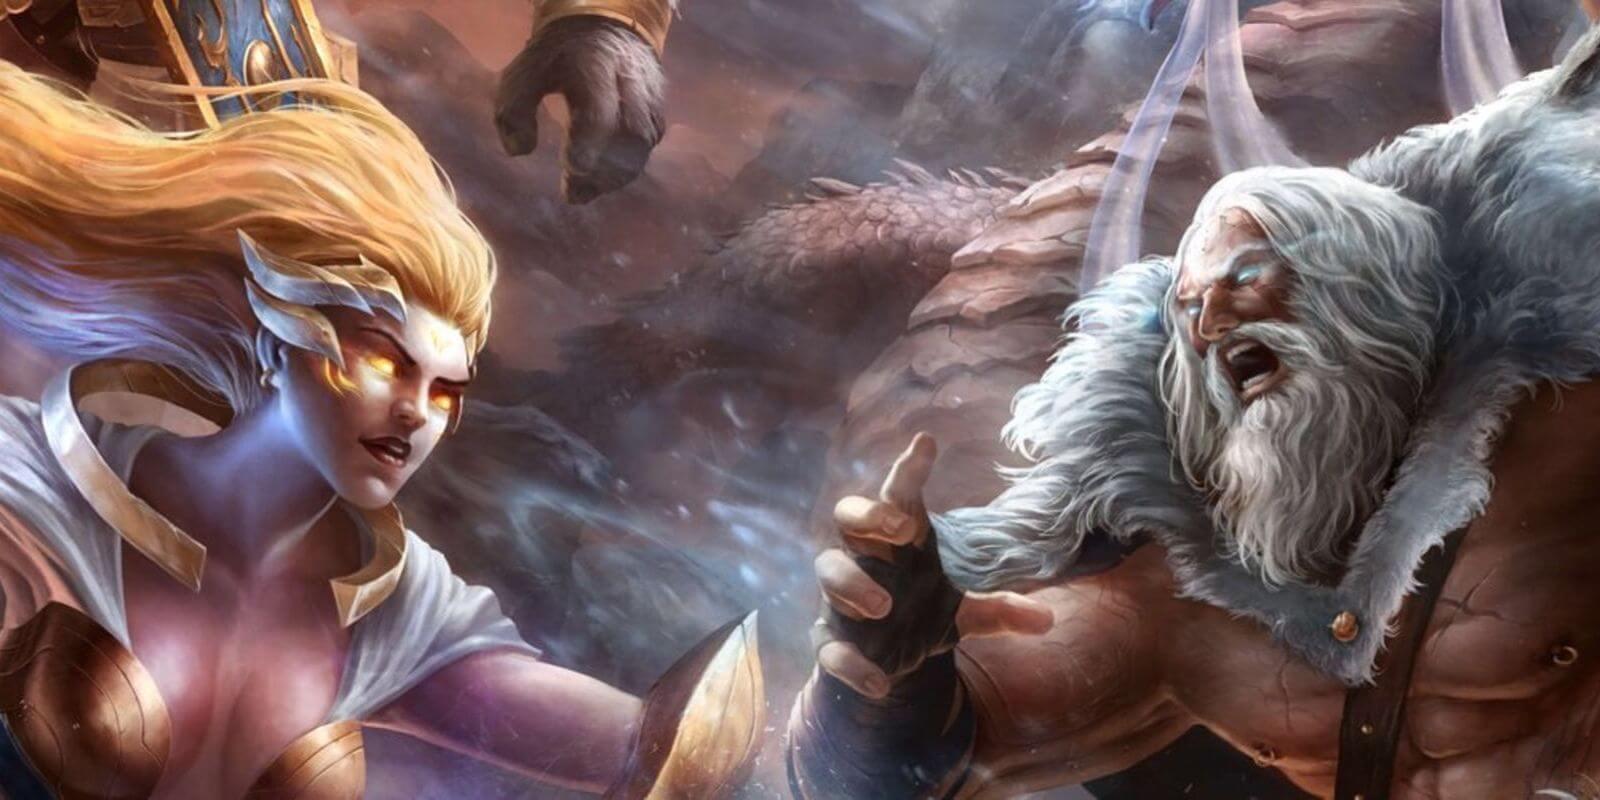 Le jeu vidéo crypto Gods Unchained lève 15 millions de dollars